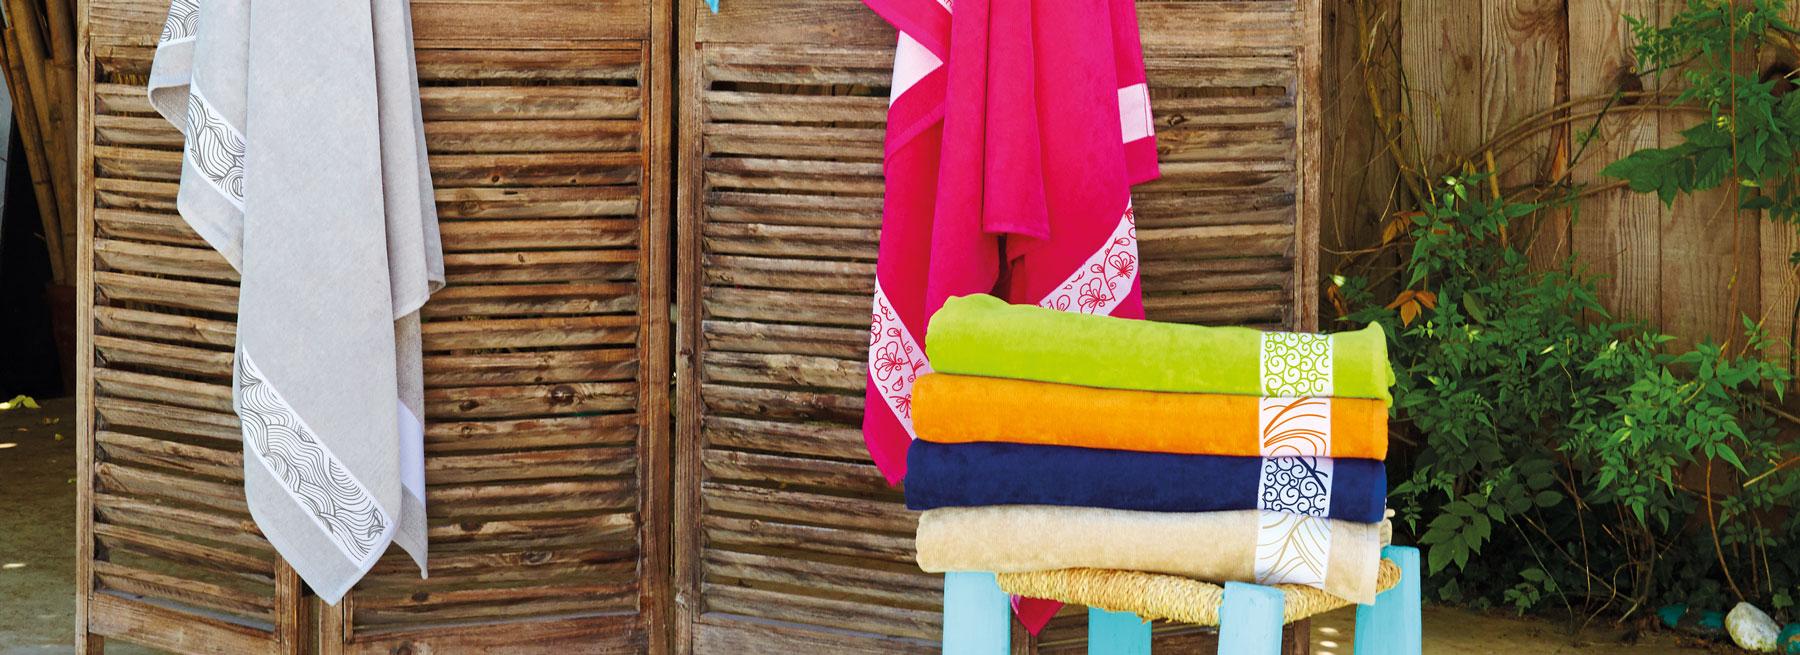 Peignoir, serviette et drap de bain